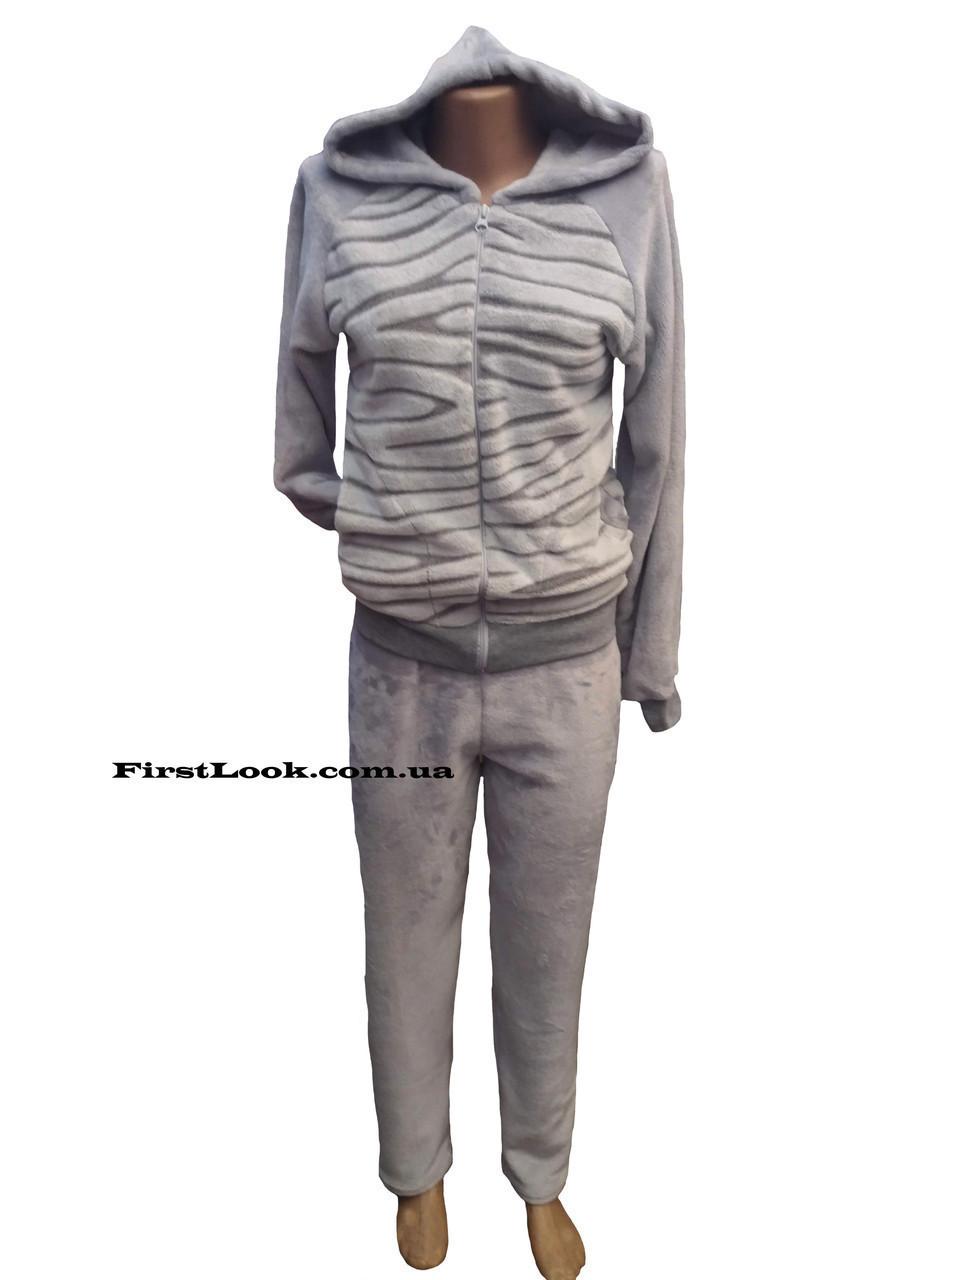 Женские махровые костюмы для дома(2XL и 3XL)